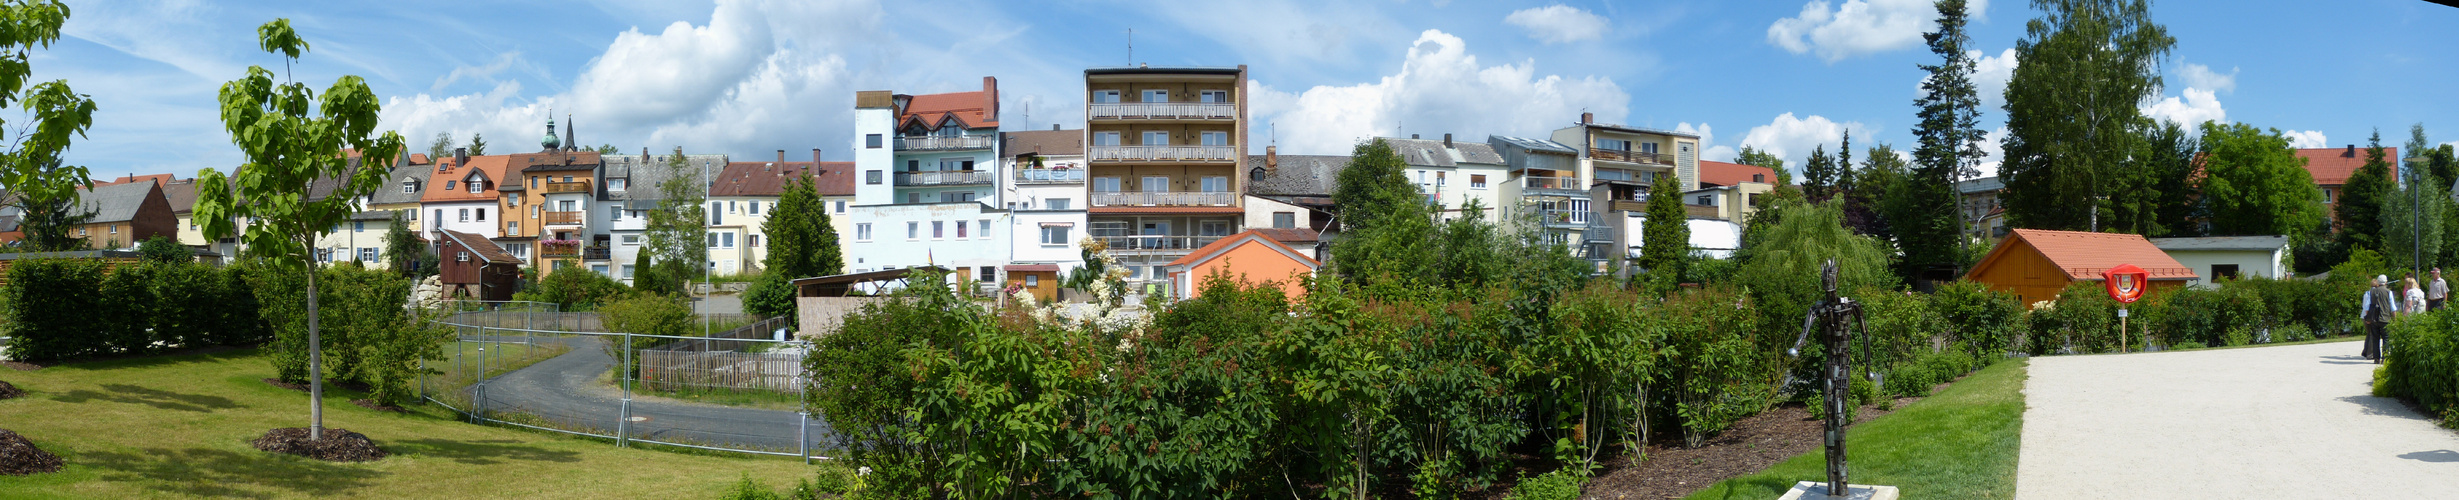 Tirschenreuth 3